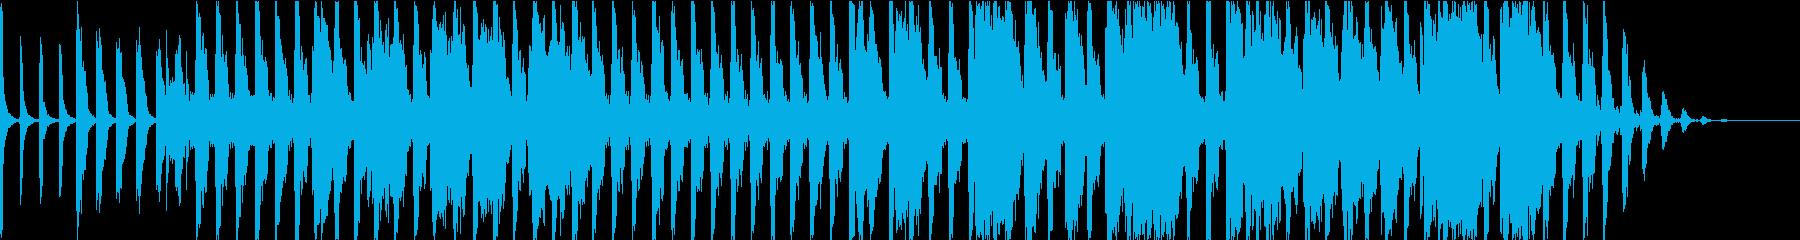 魚たちの森 No.000の再生済みの波形